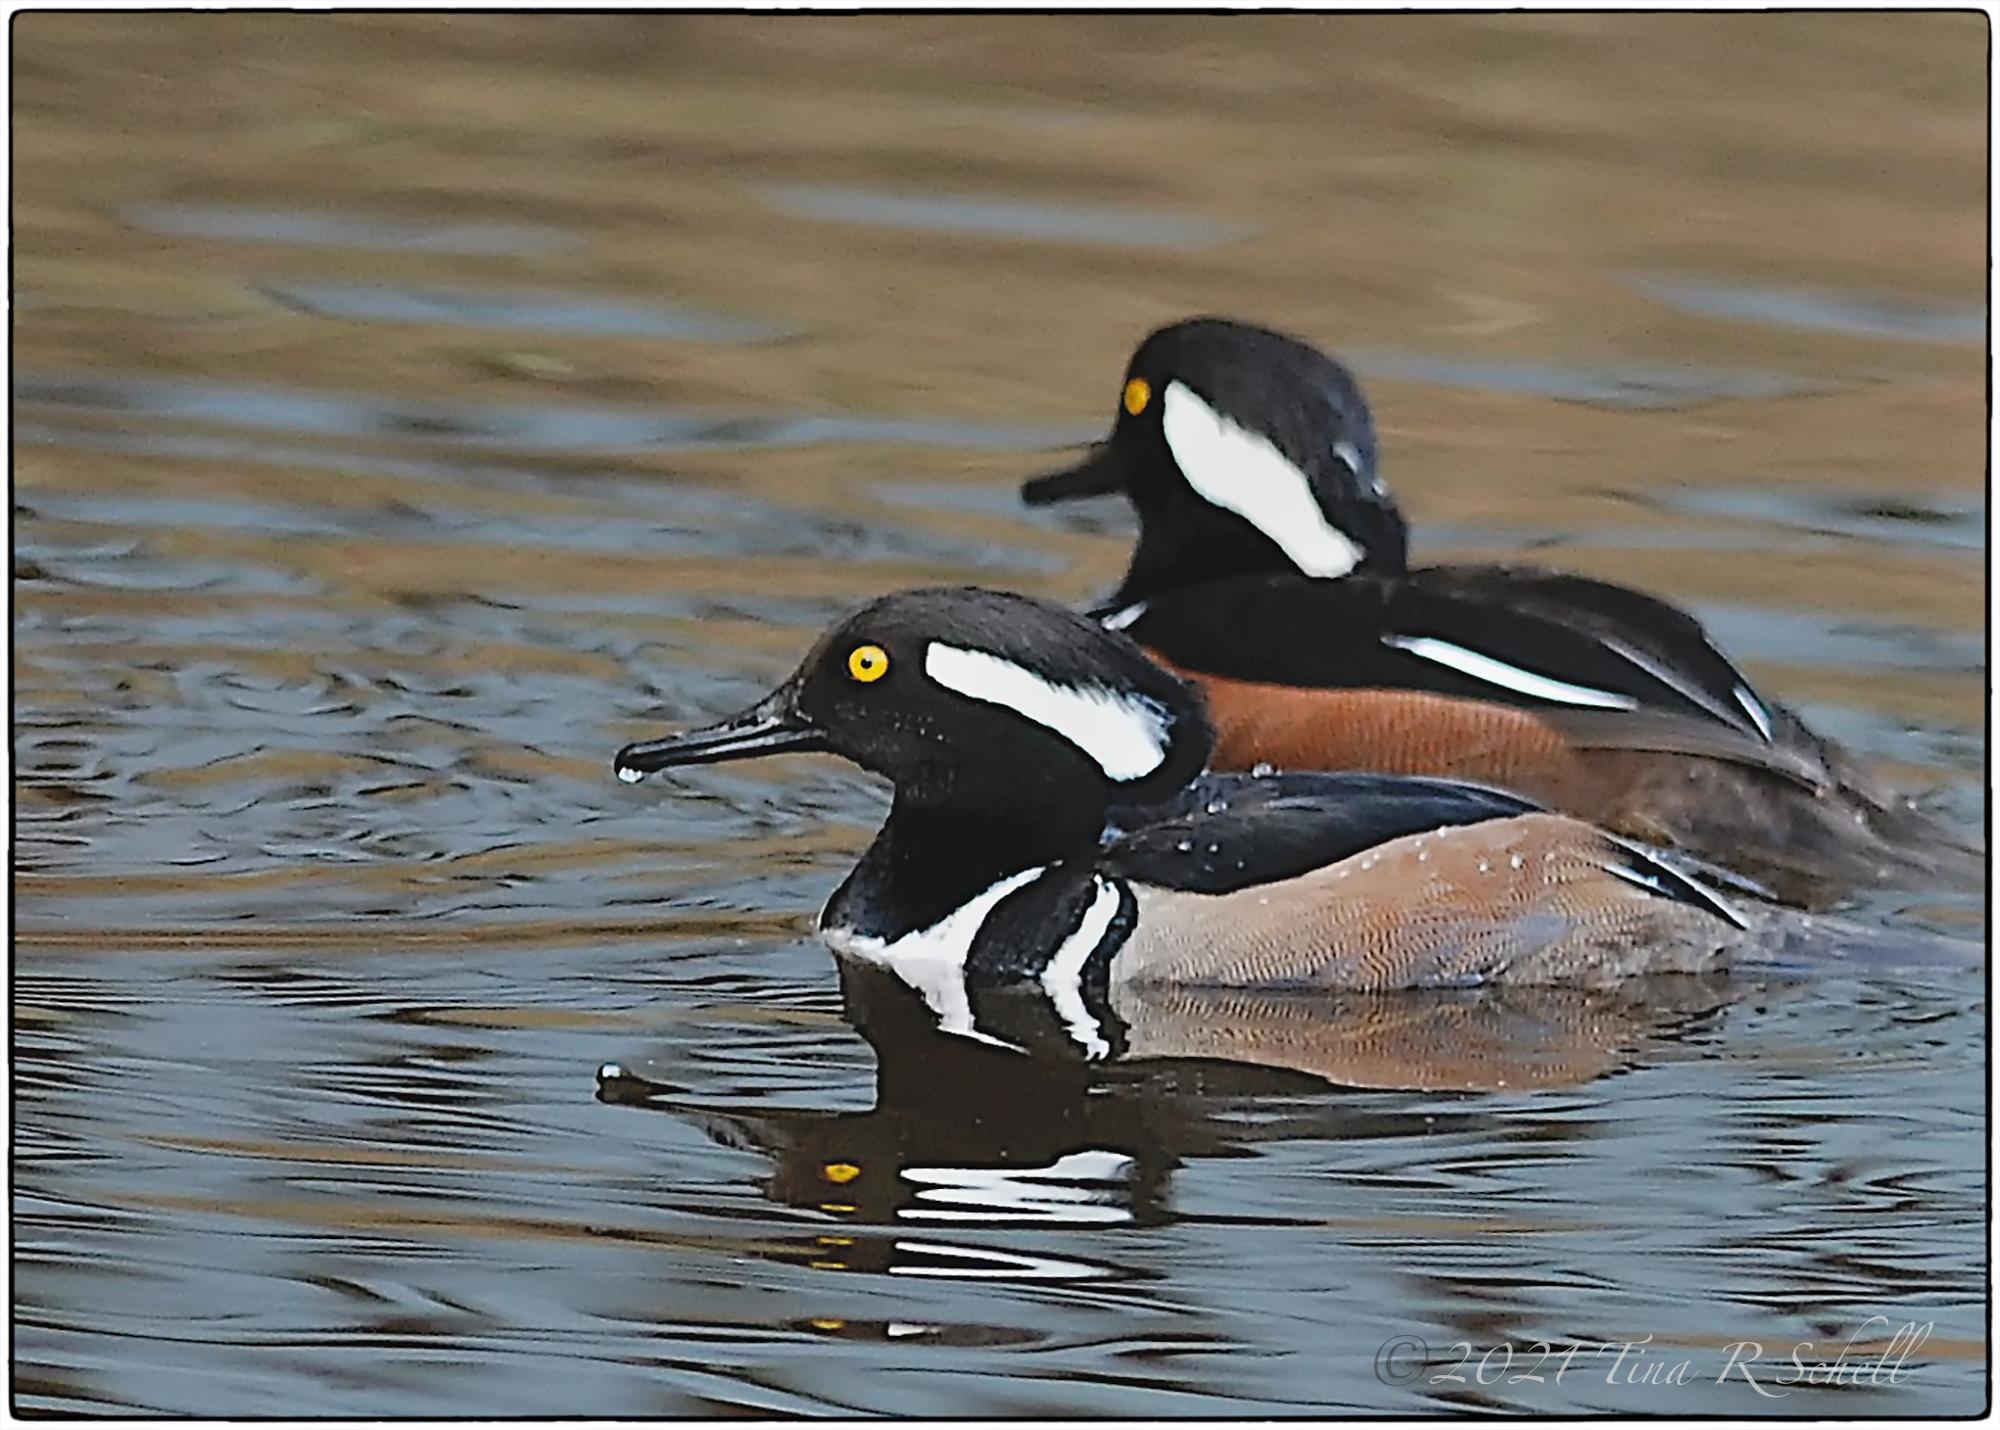 Hooded merganser, pair, ducks